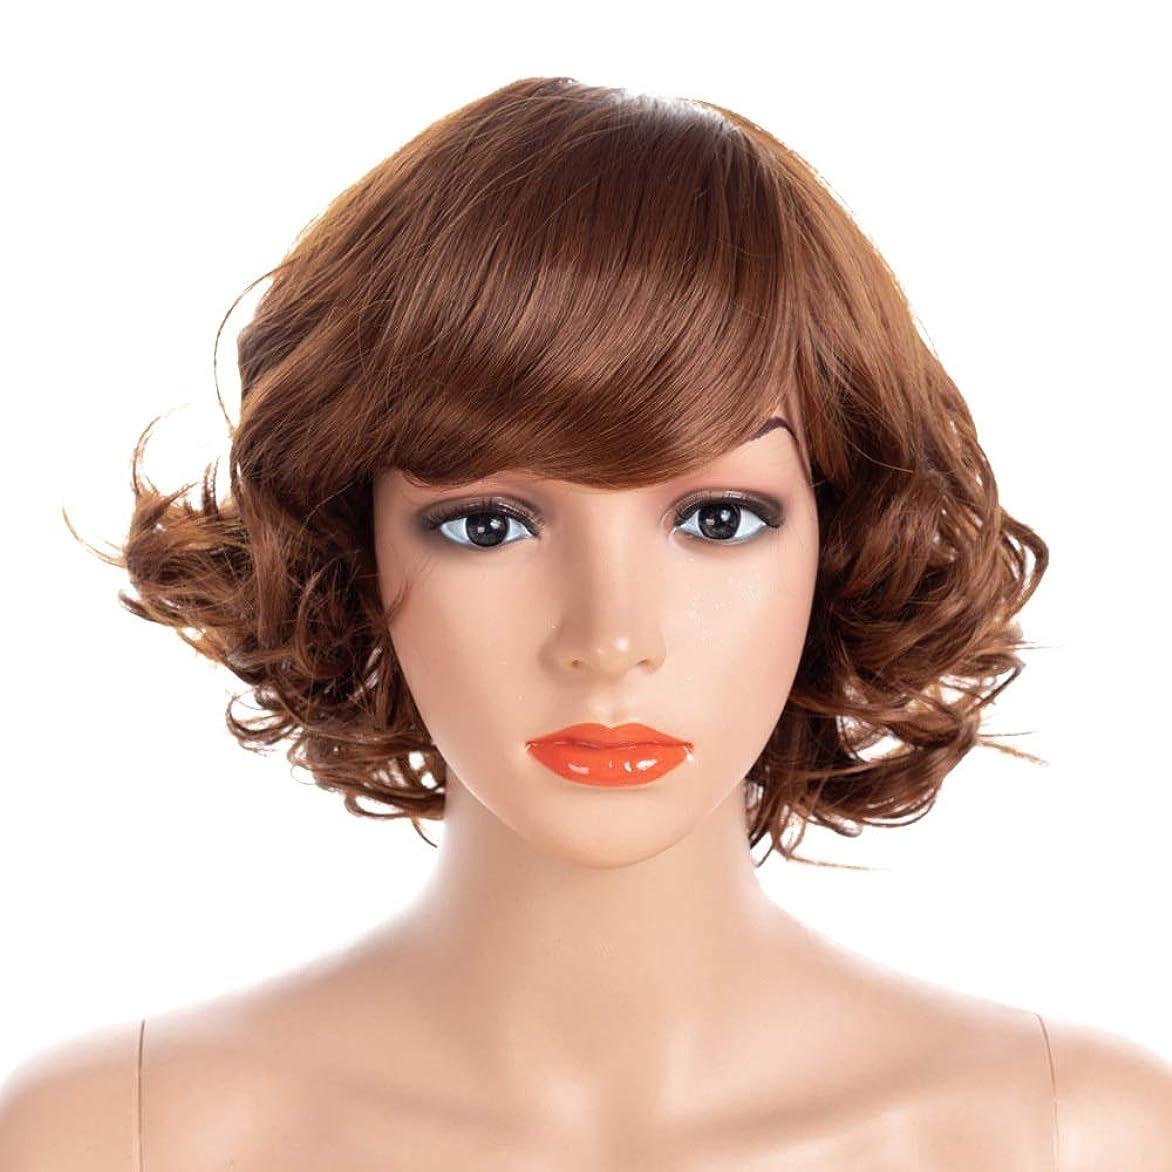 アコー版アデレードIsikawan 女性のためのファンシードレス&コスプレパーティー高品質ナチュラル探しのための茶色の短い波状の巻き毛のかつら (色 : ブラウン, サイズ : 40cm)